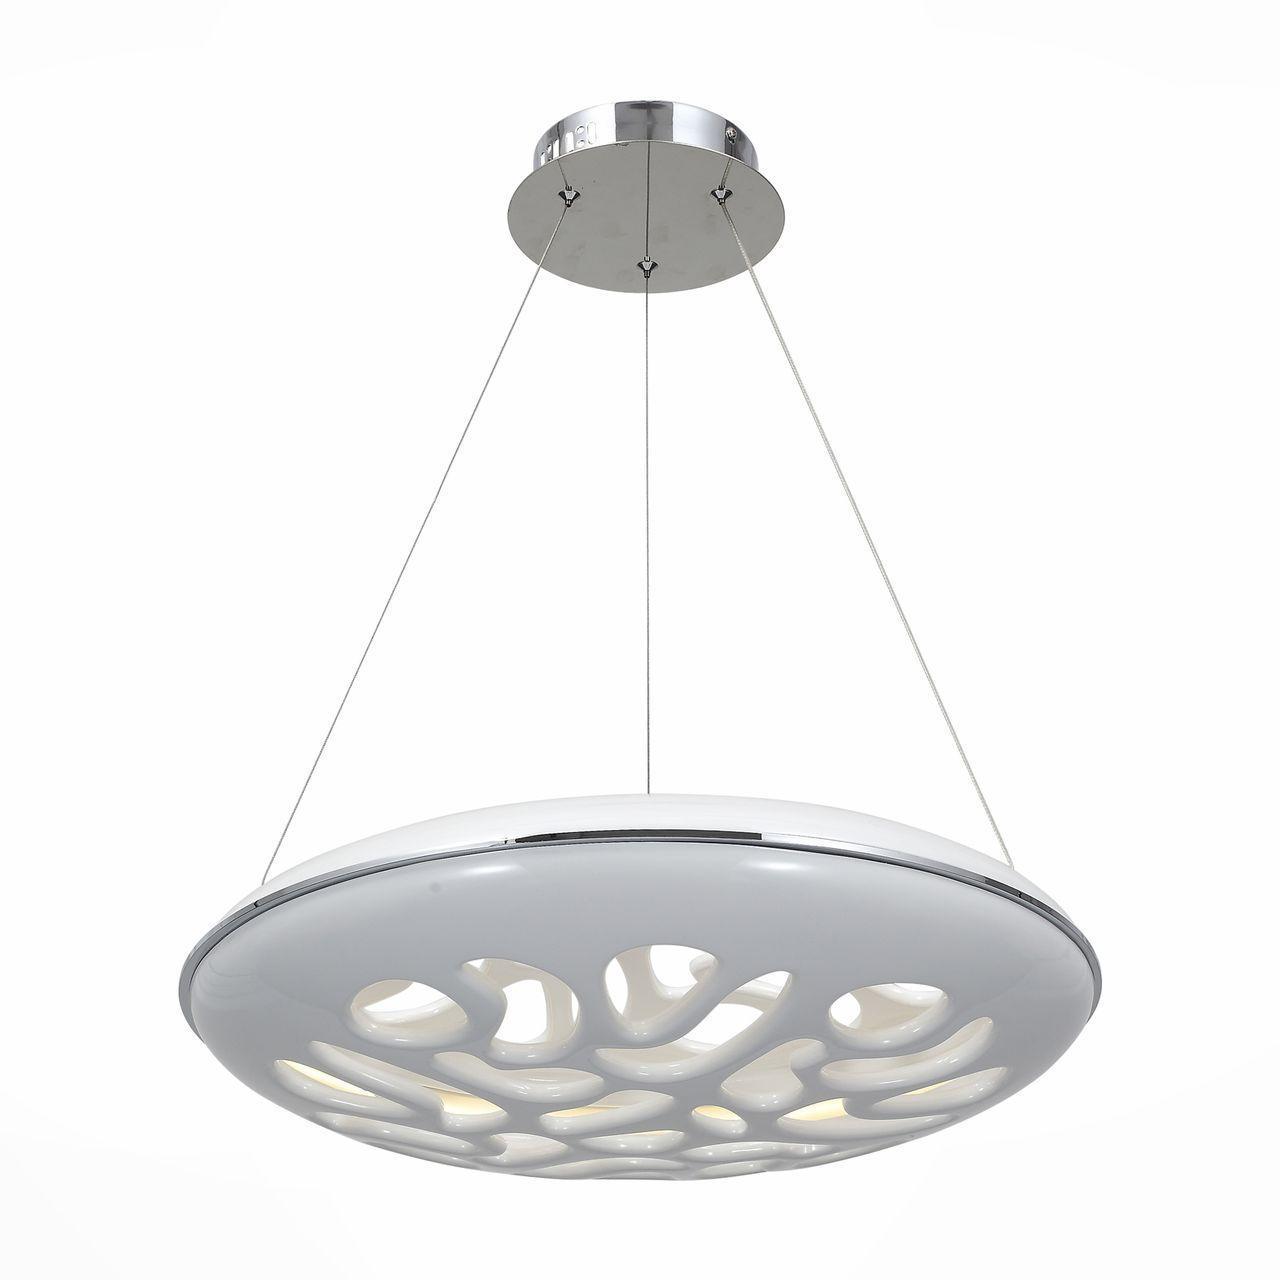 Купить со скидкой Подвесной светодиодный светильник Galatea белого цвета